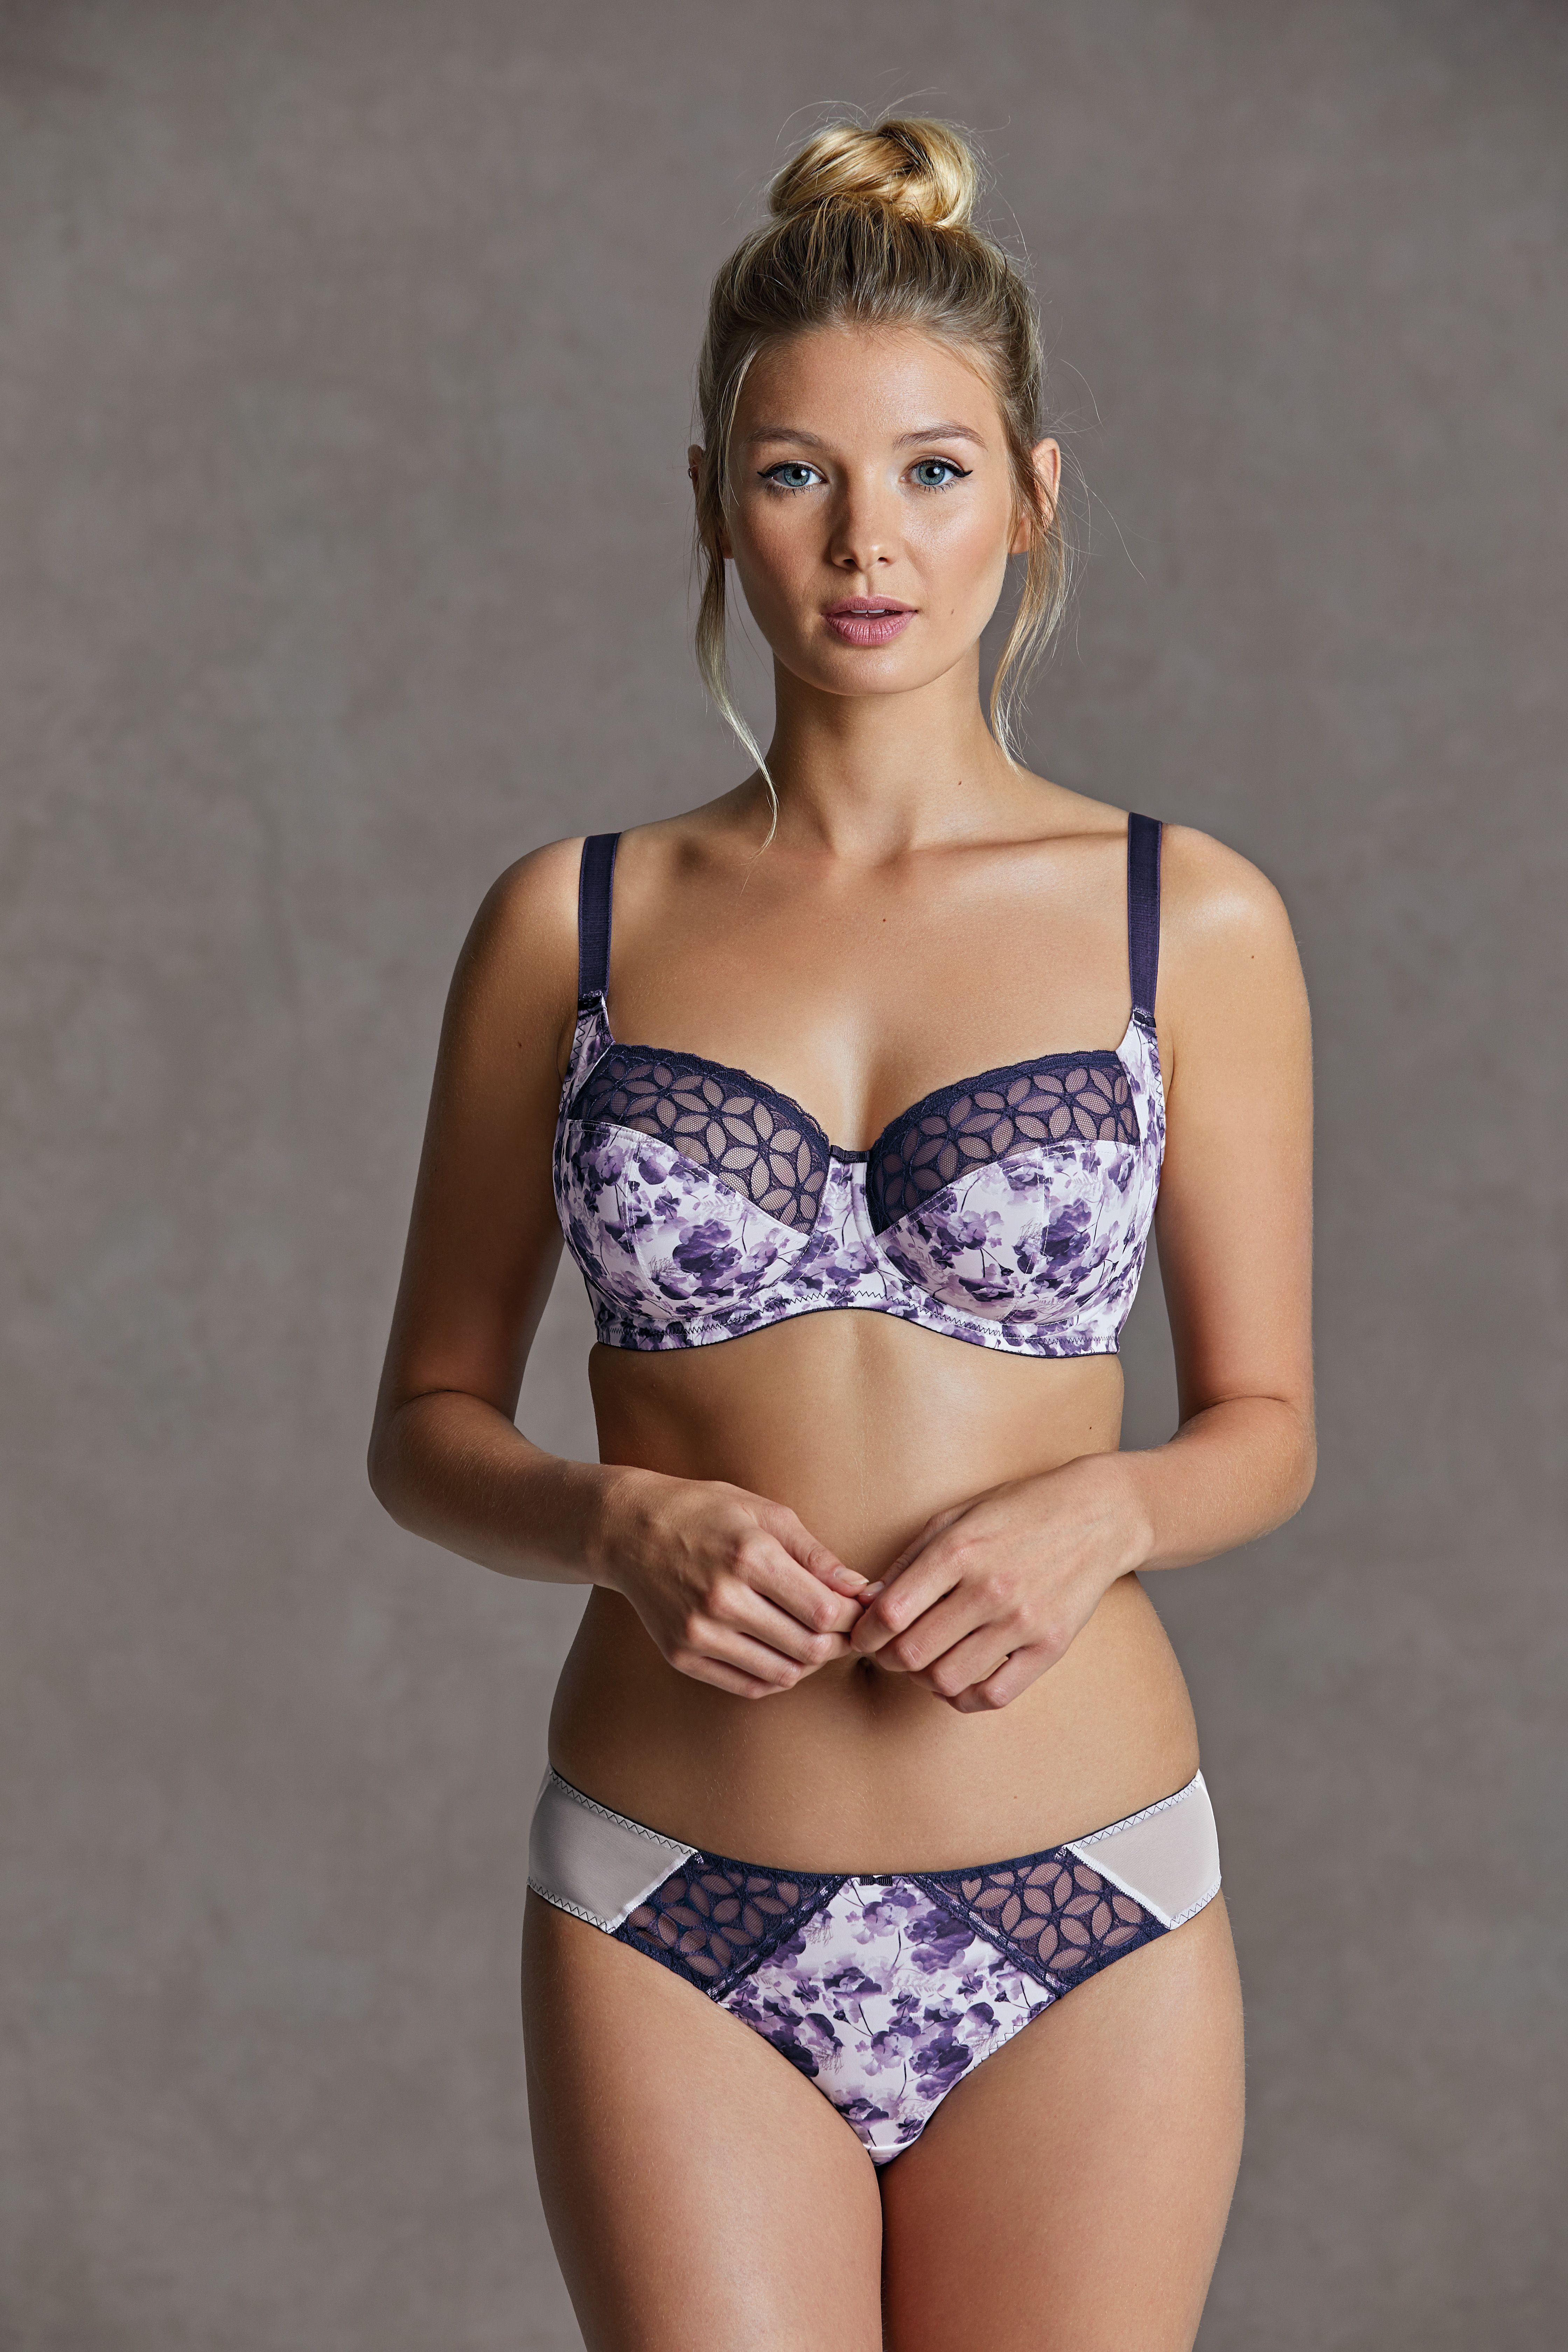 0089a025bcd Alice bra (by Bravissimo) | Lingerie ~ Undergarments | Lingerie ...